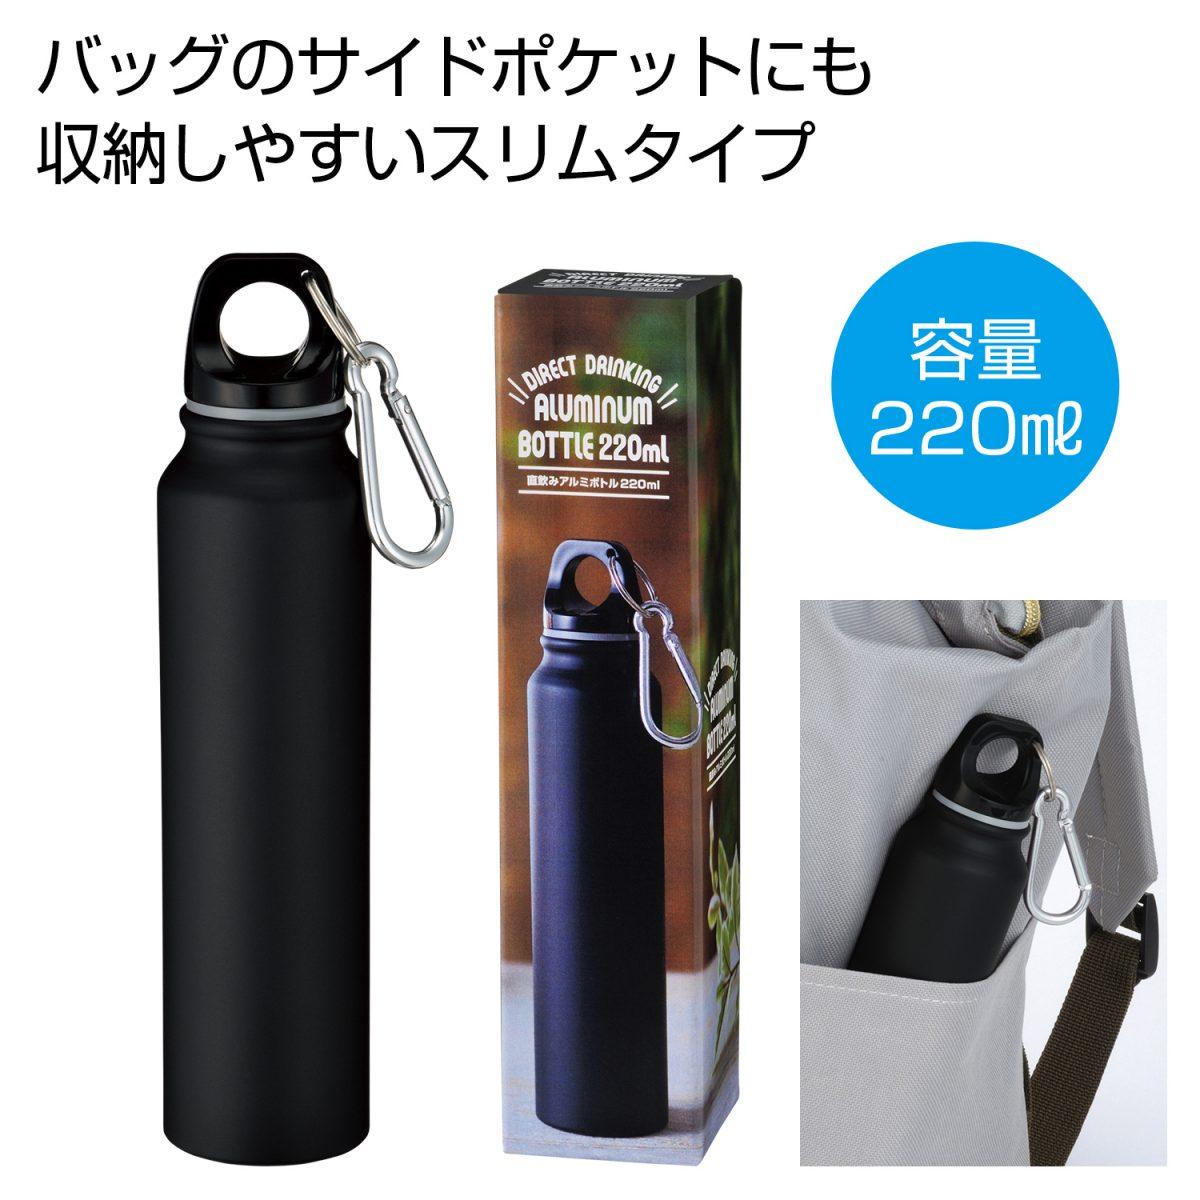 直飲みアルミボトル220ml(ブラック)